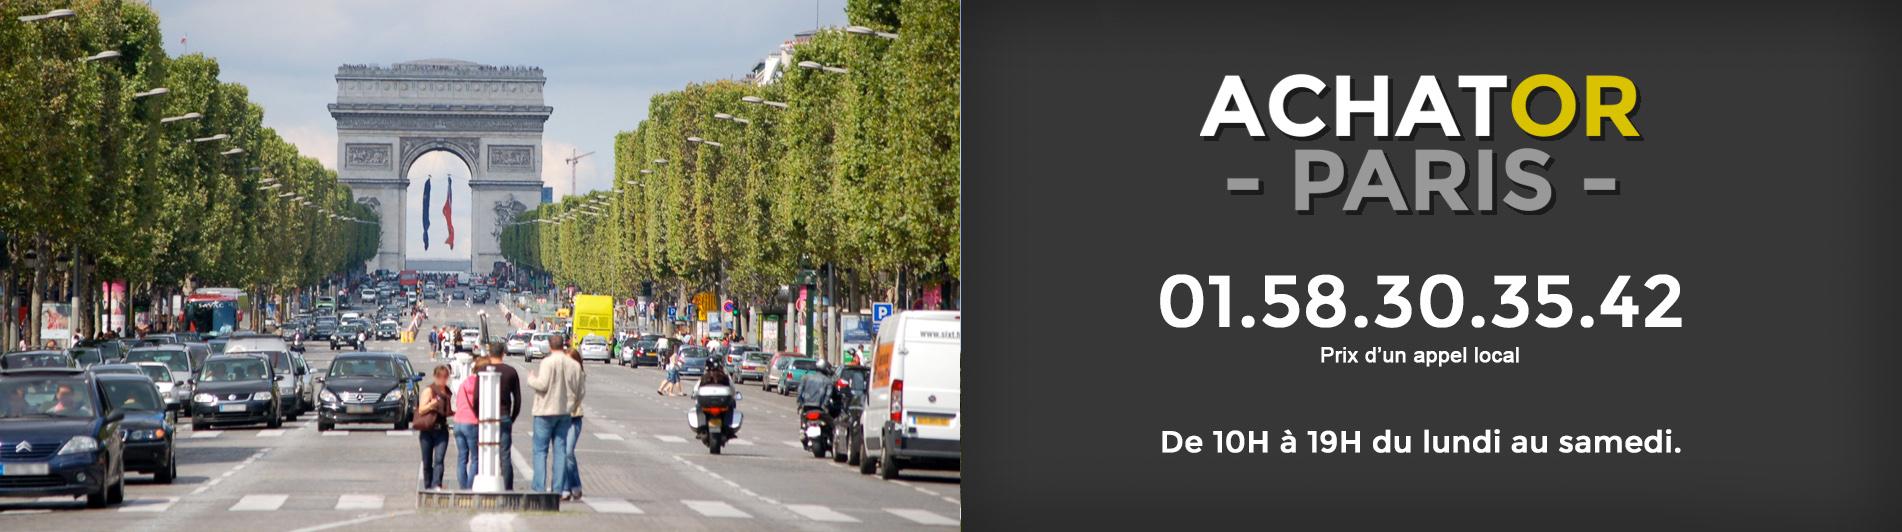 Achat or Paris 8 75008